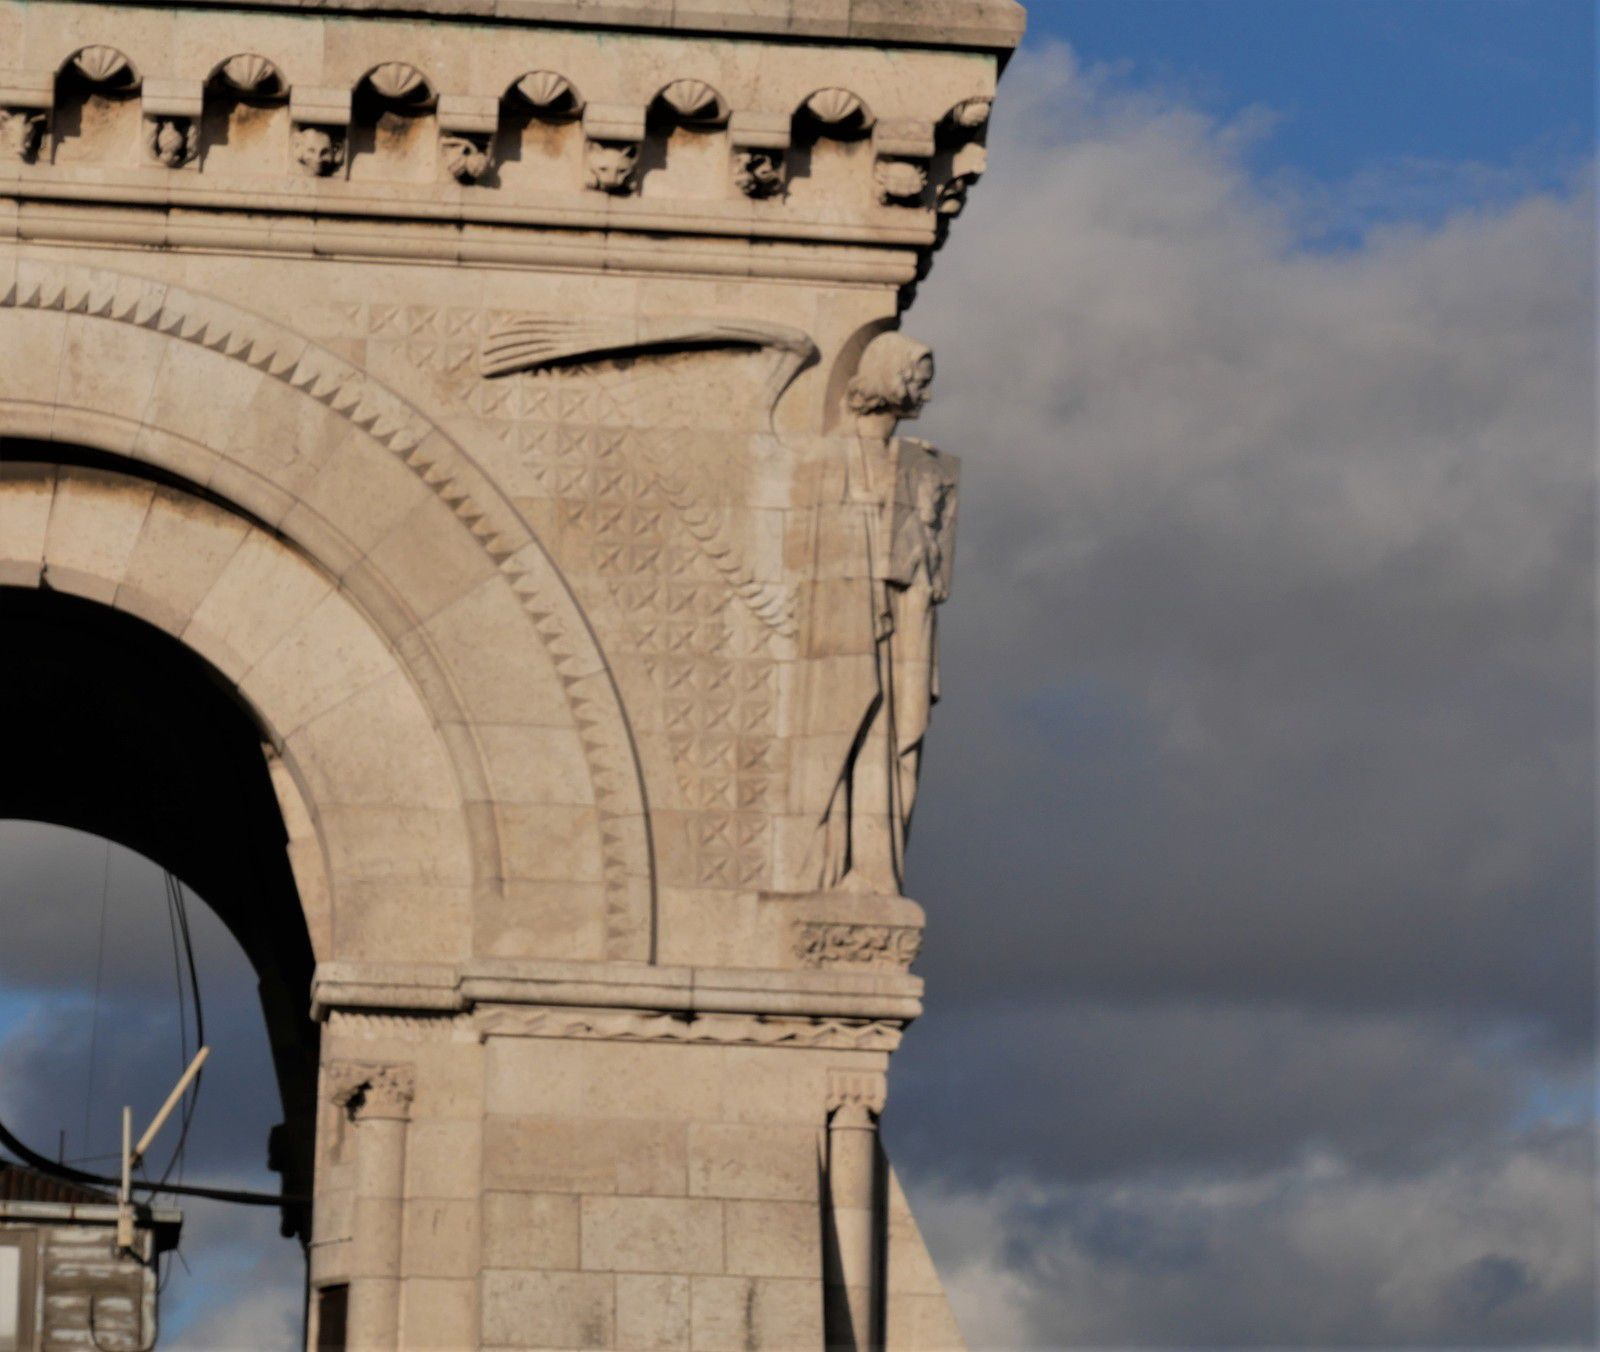 Le clocher campanile du Sacré-Coeur. Le campanile. Les anges de Jean Dampt et les animaux de Henri Bouchard.